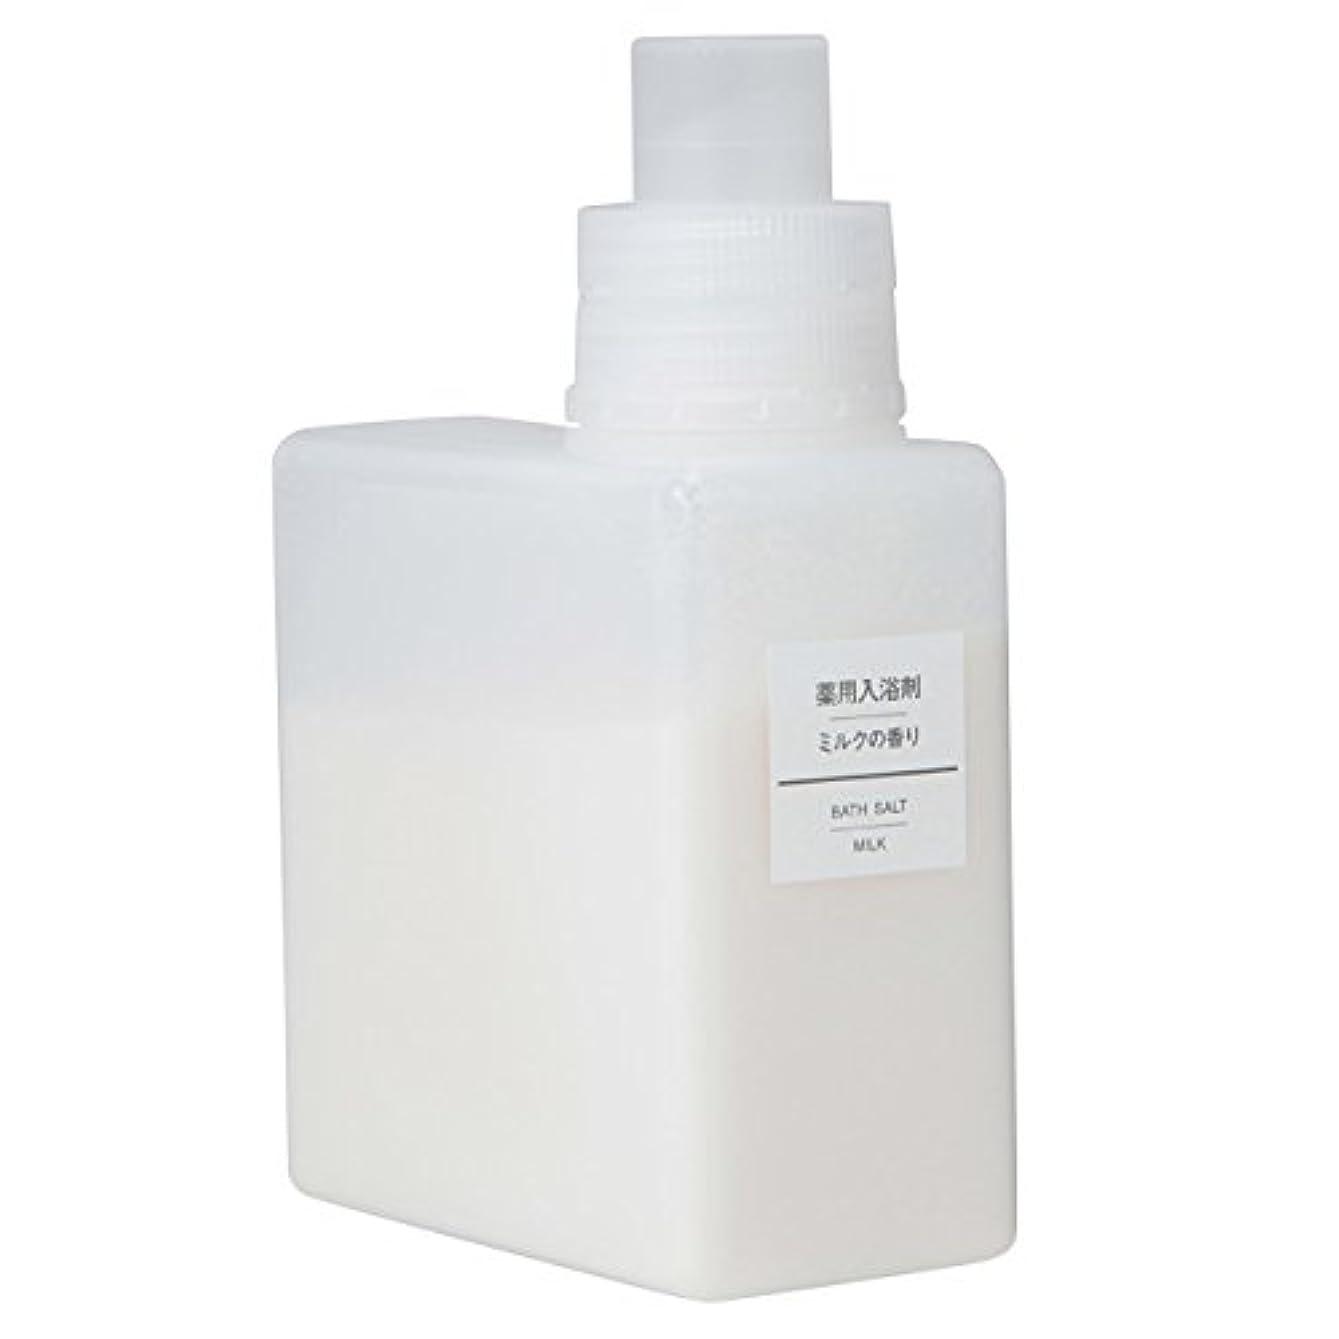 力学徒歩で戻る無印良品 薬用入浴剤?ミルクの香り (新)500g 日本製